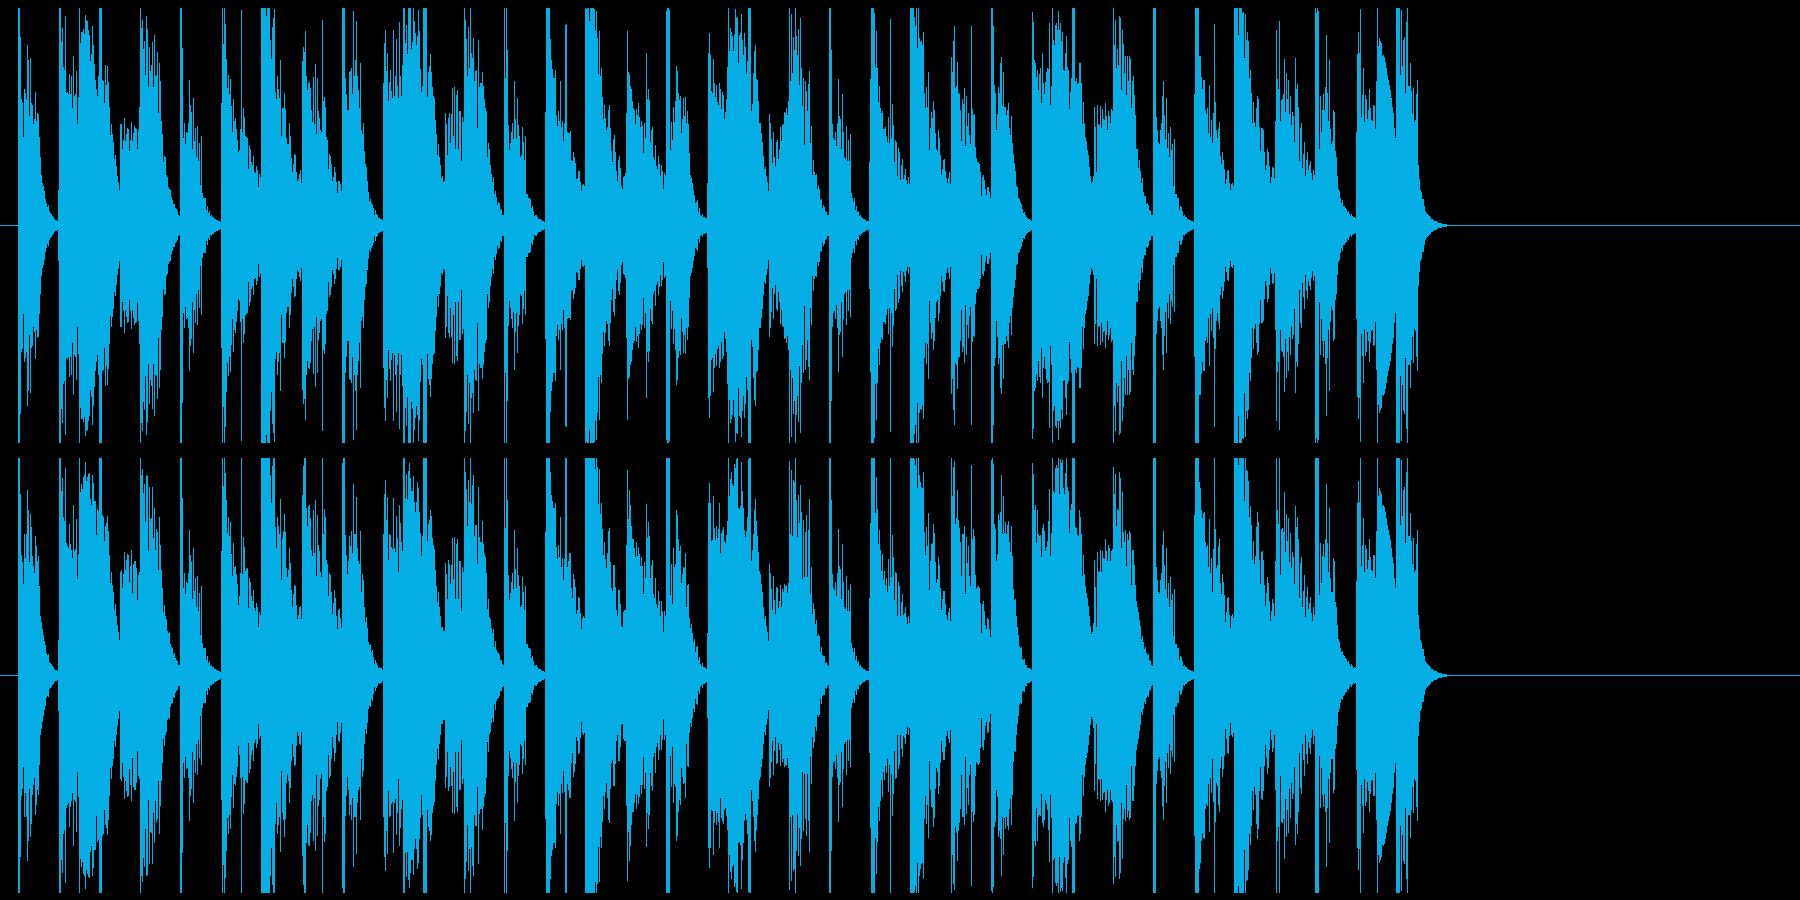 にぎやかで愉快なジングル・BGMの再生済みの波形